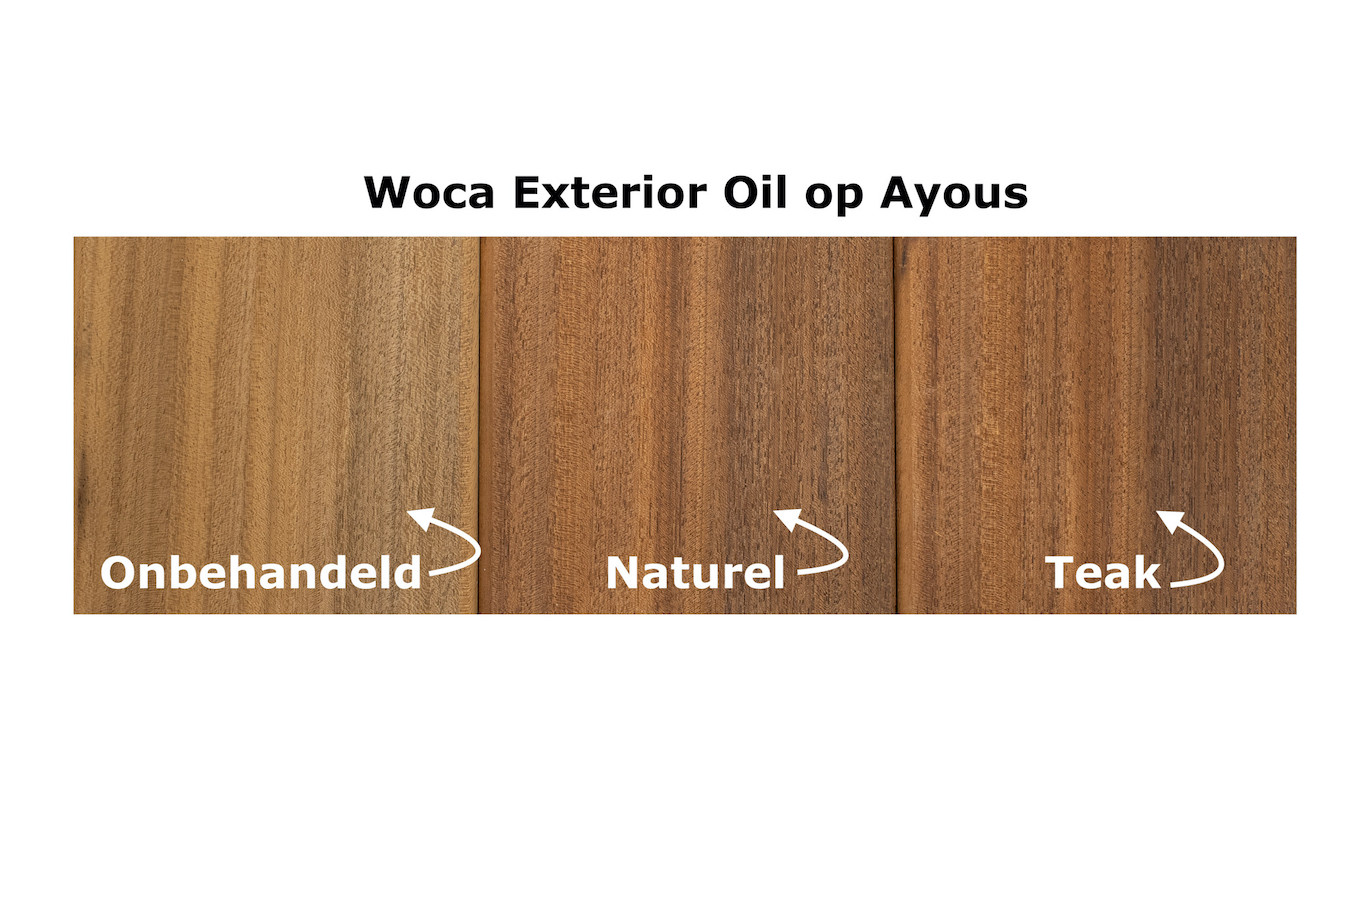 Woca Exterior Oil voor Ayous hout